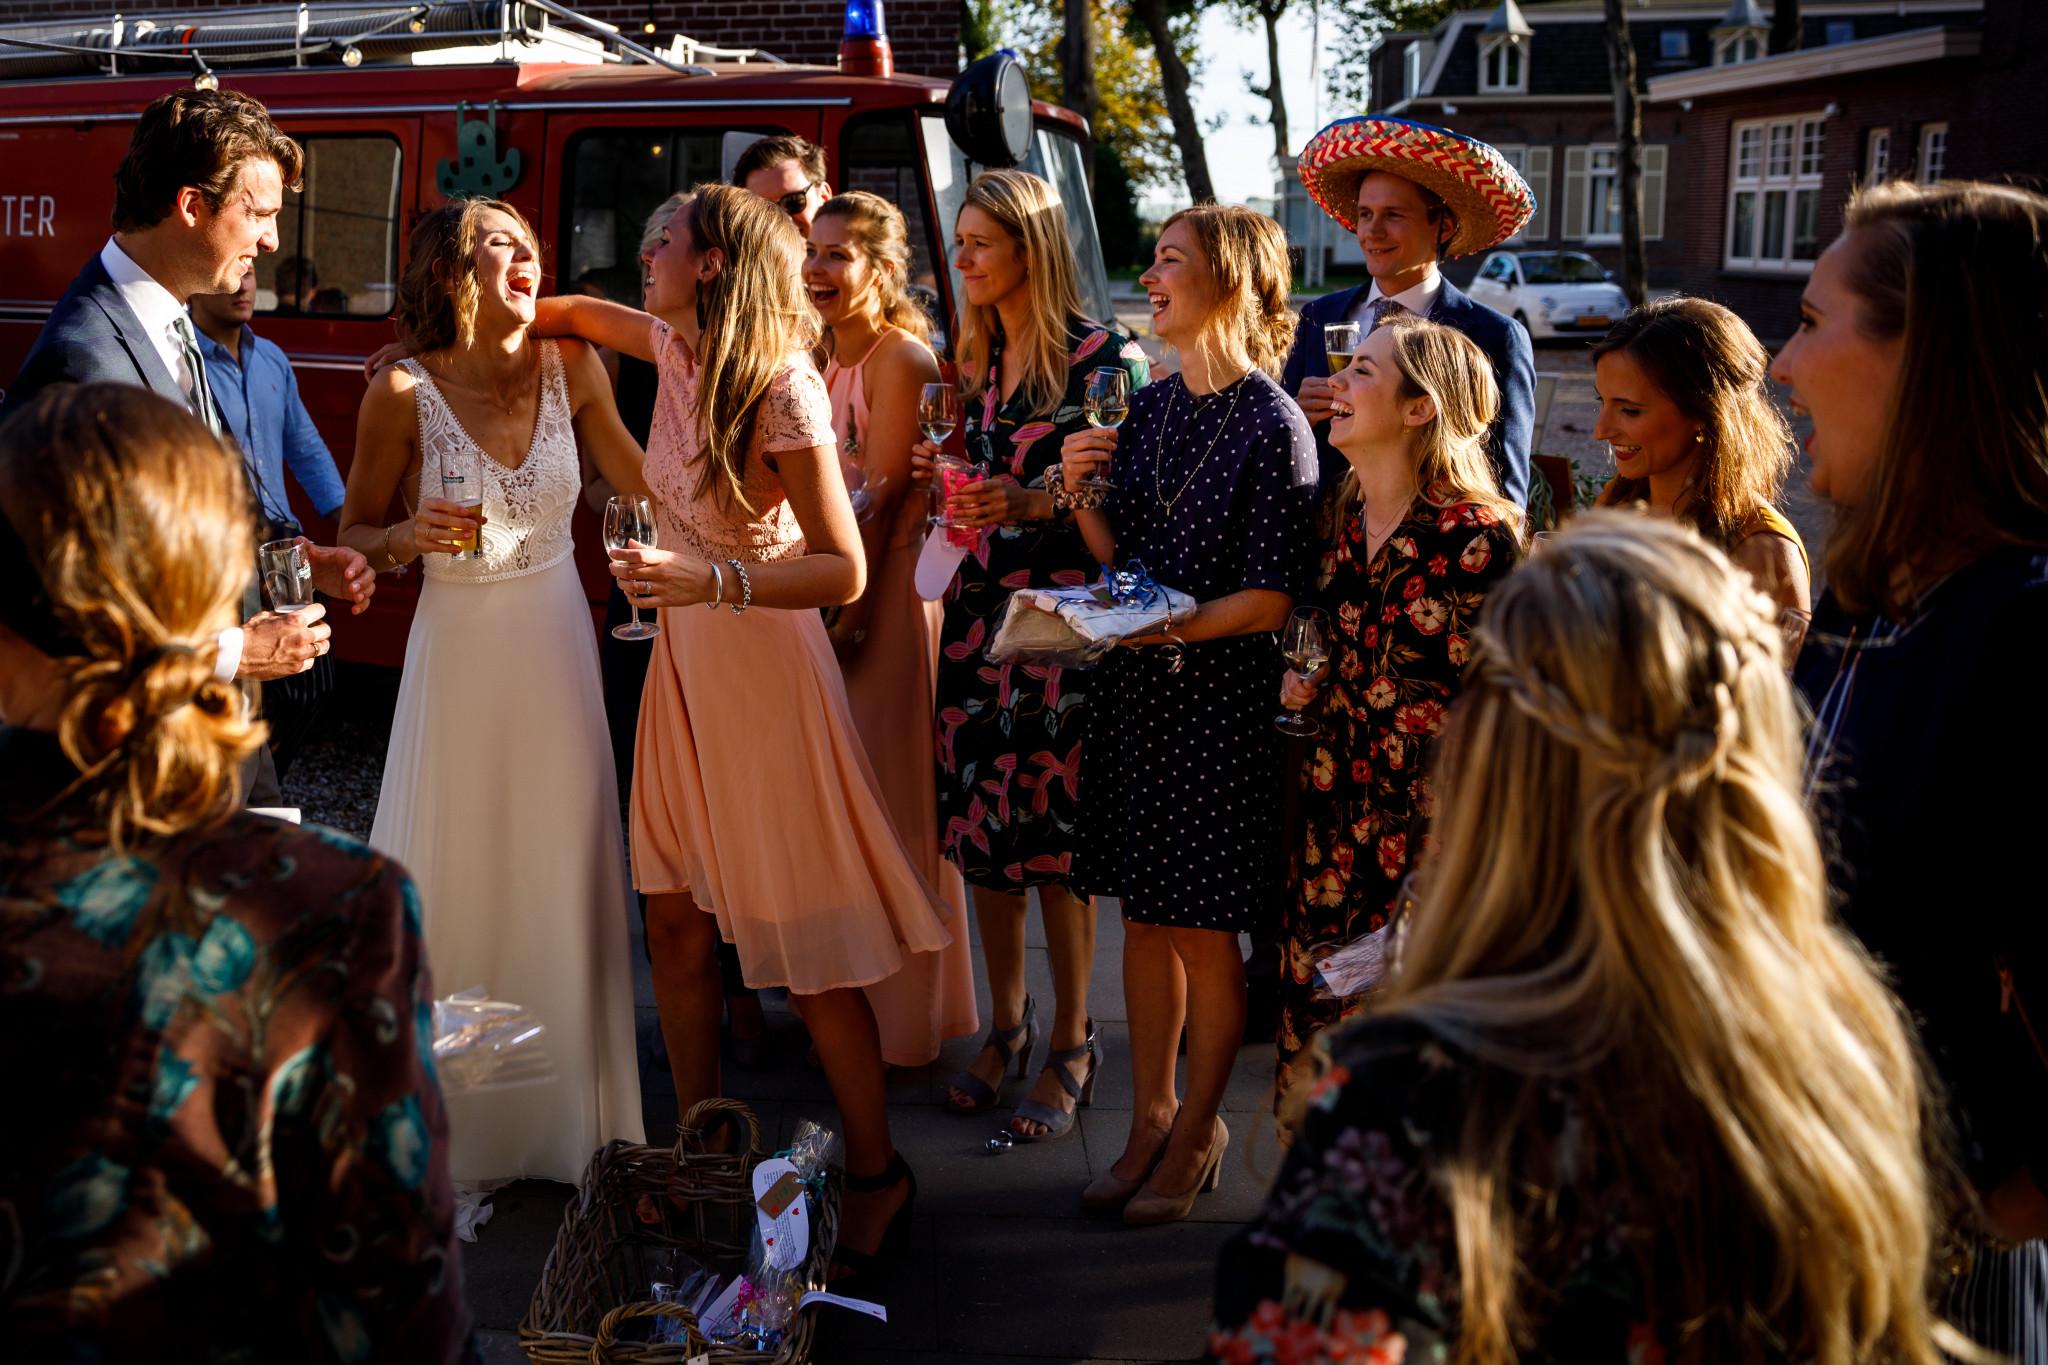 Zomerbruiloft   Trouwen in de zomer   trouwfeest